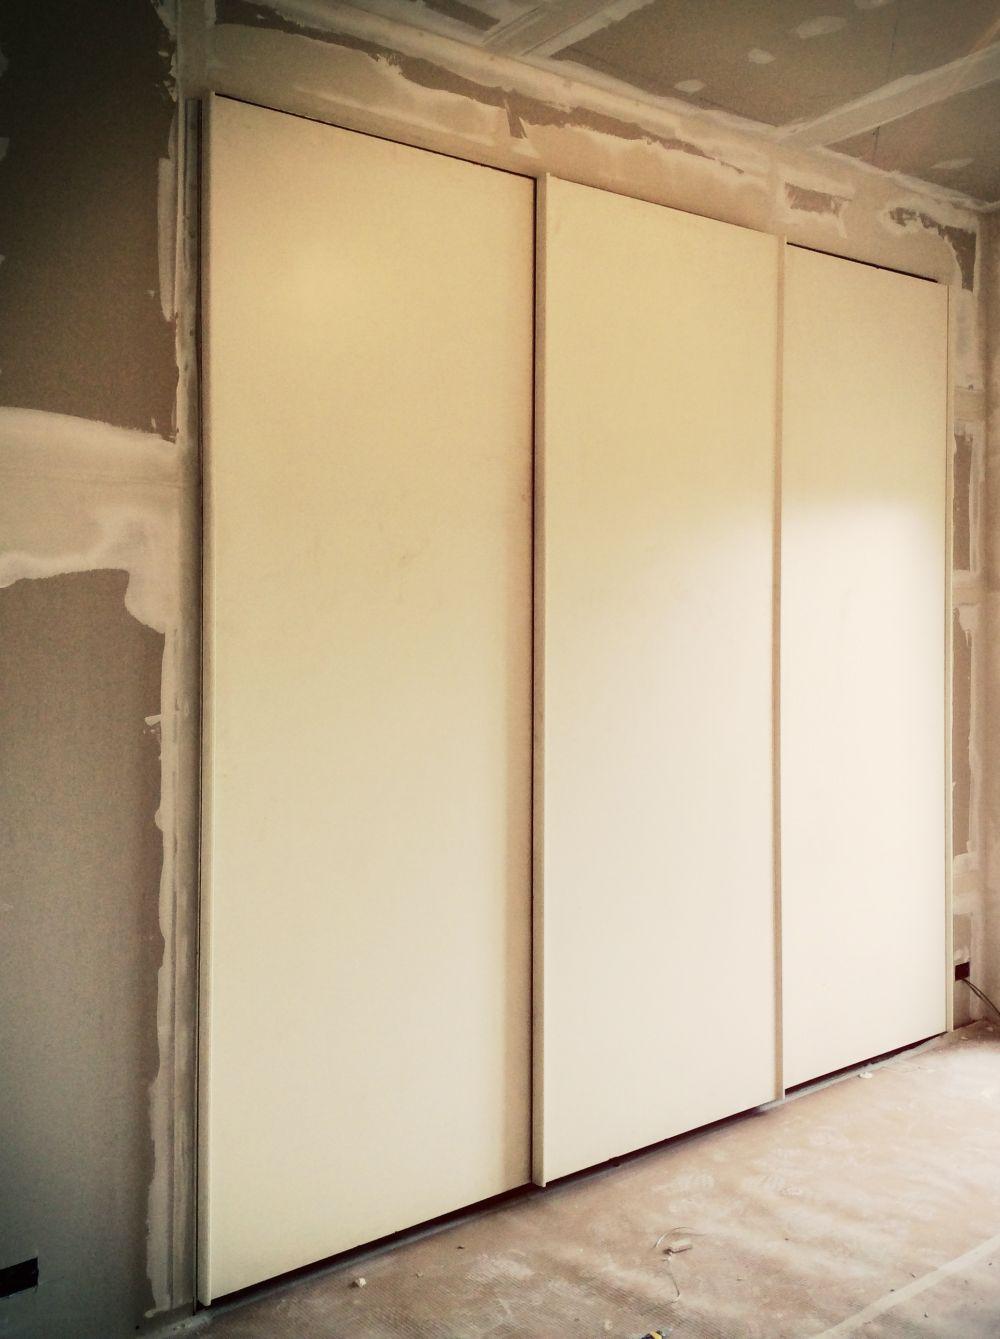 Simple armadio a muro roma armadio a muro con ante dal design moderno with armadio a muro angolare - Armadi a muro ikea ...